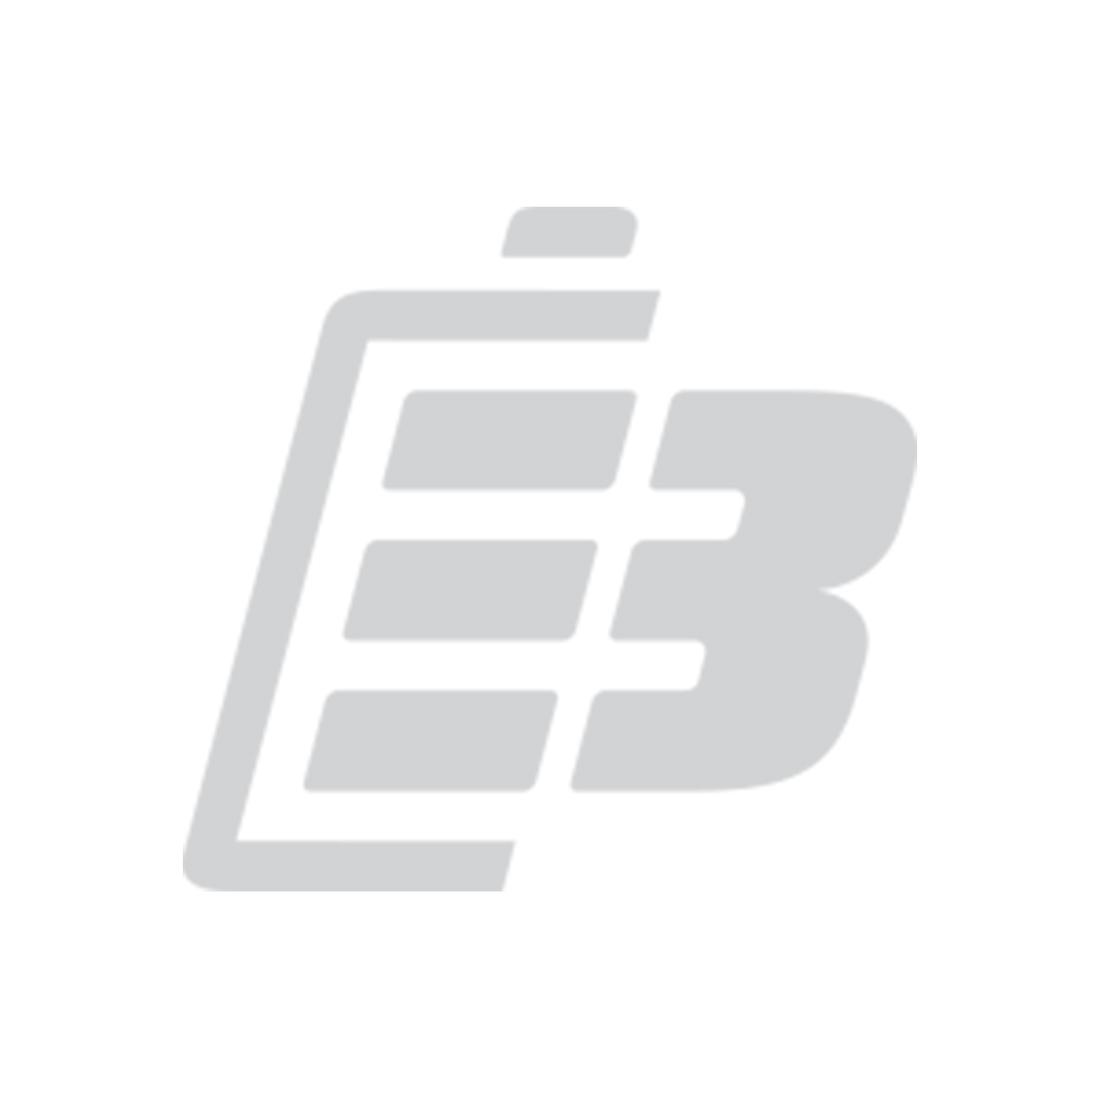 Smartphone battery Toshiba Portege G810_1